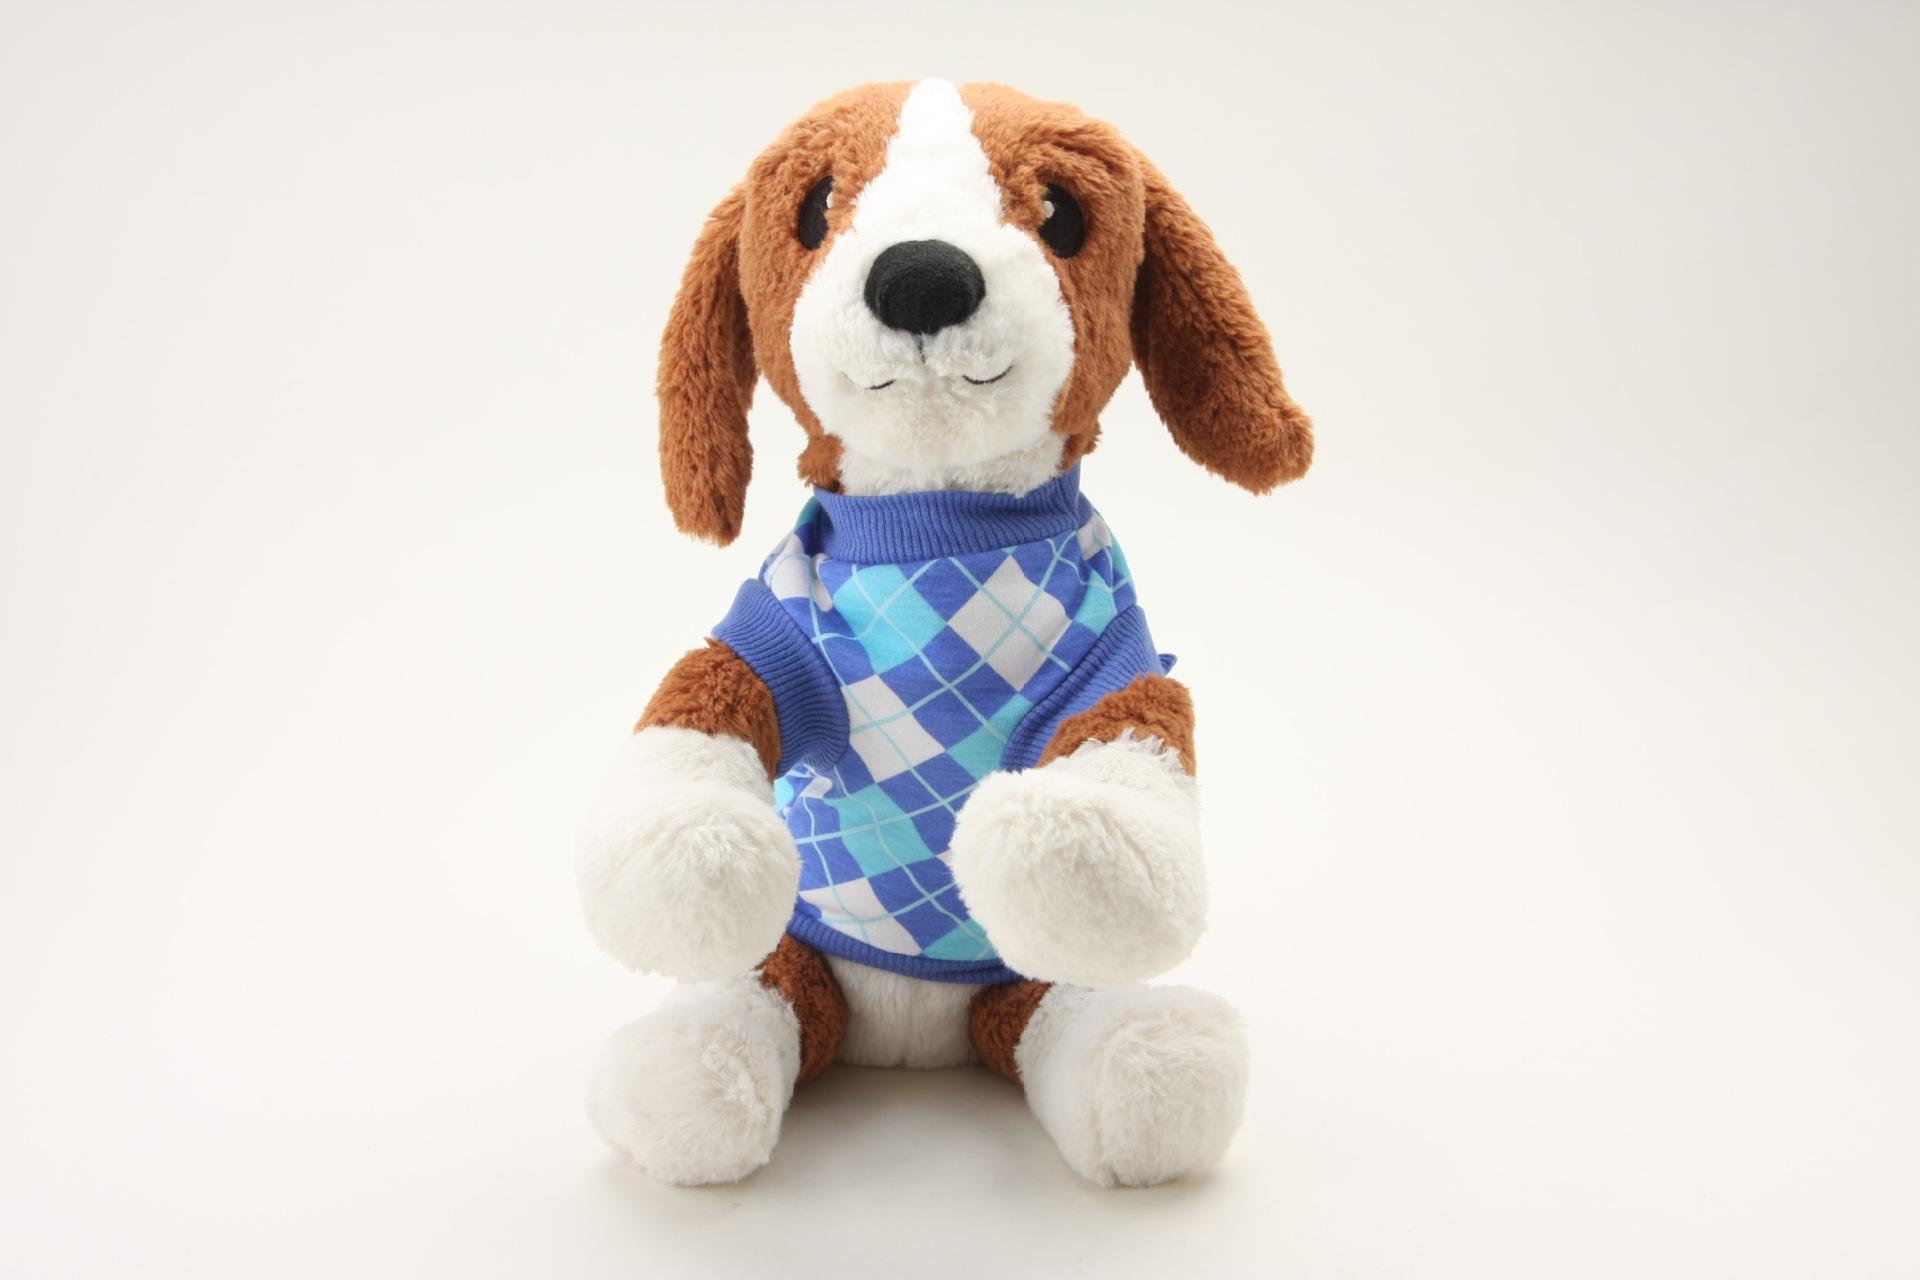 夏季新品上市 全棉狗狗服饰满印格子样式小狗衣服 热销款图片